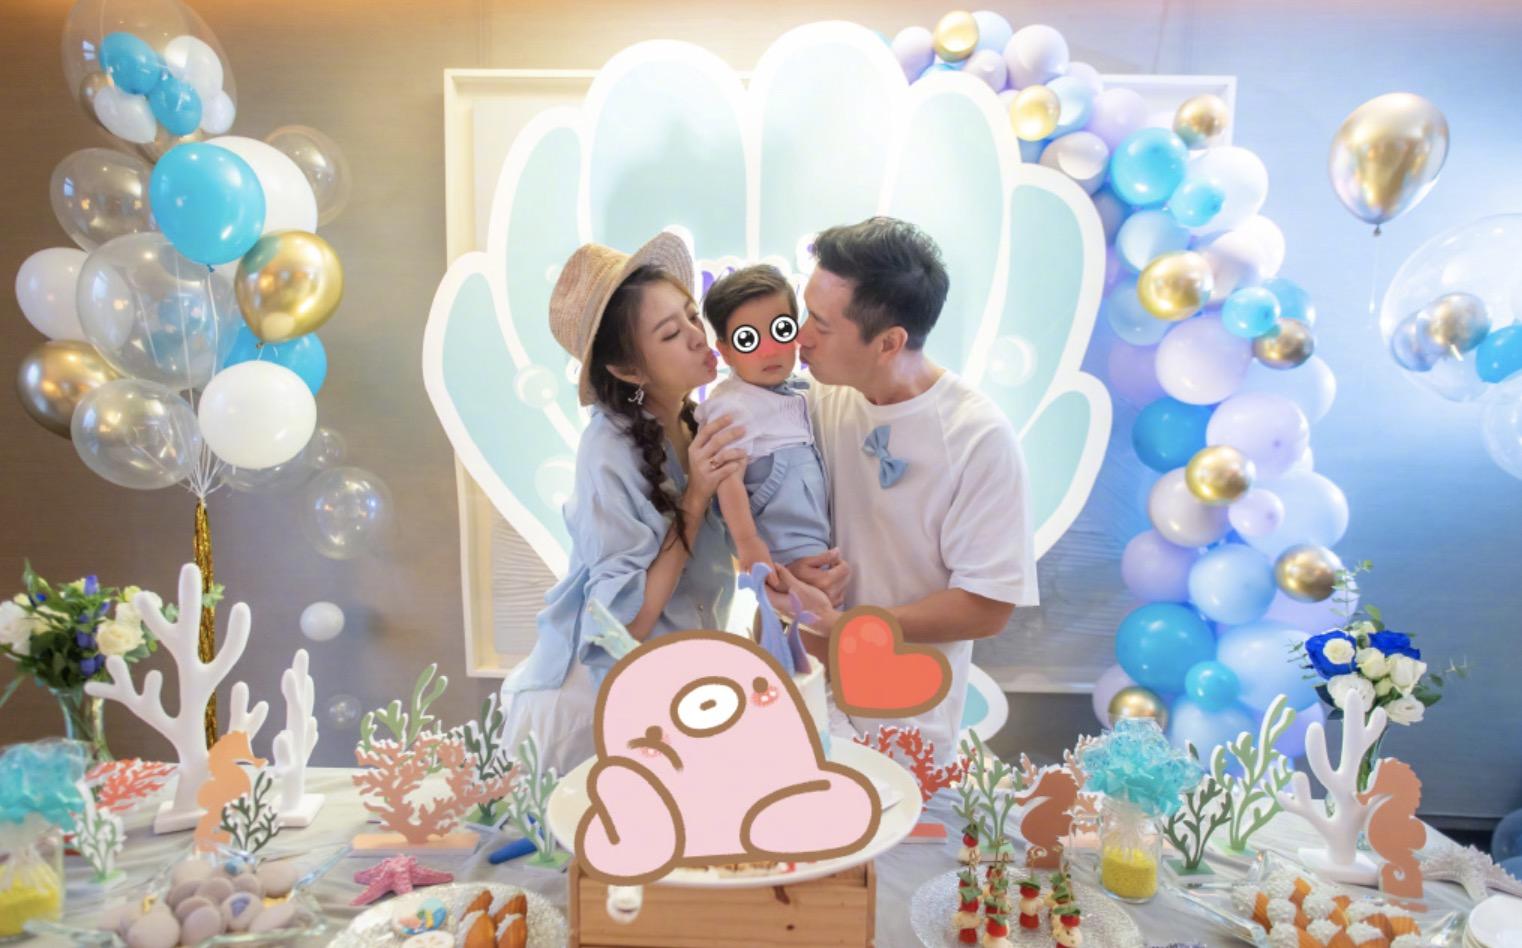 40岁安以轩晒照庆生,为二胎办迎婴宴,丈夫送380万名表宠妻